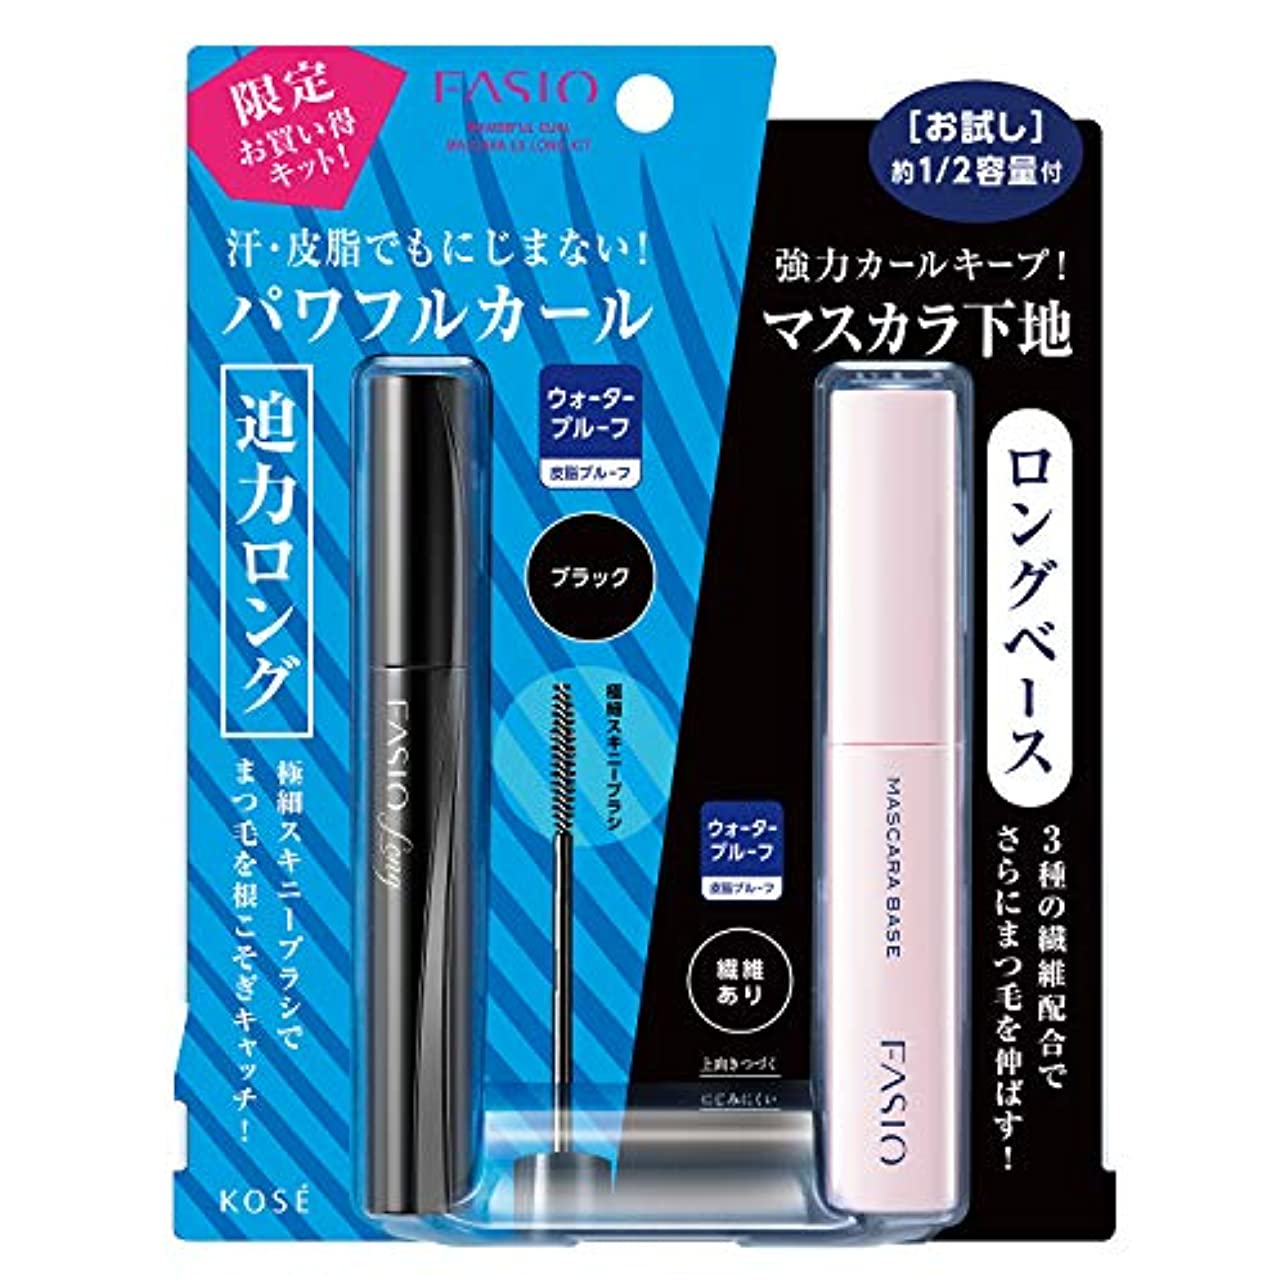 摂動範囲状況Fasio(ファシオ) ファシオ パワフルカール マスカラ EX (ロング) キット 無香料 BK001 ブラック セット 1セット